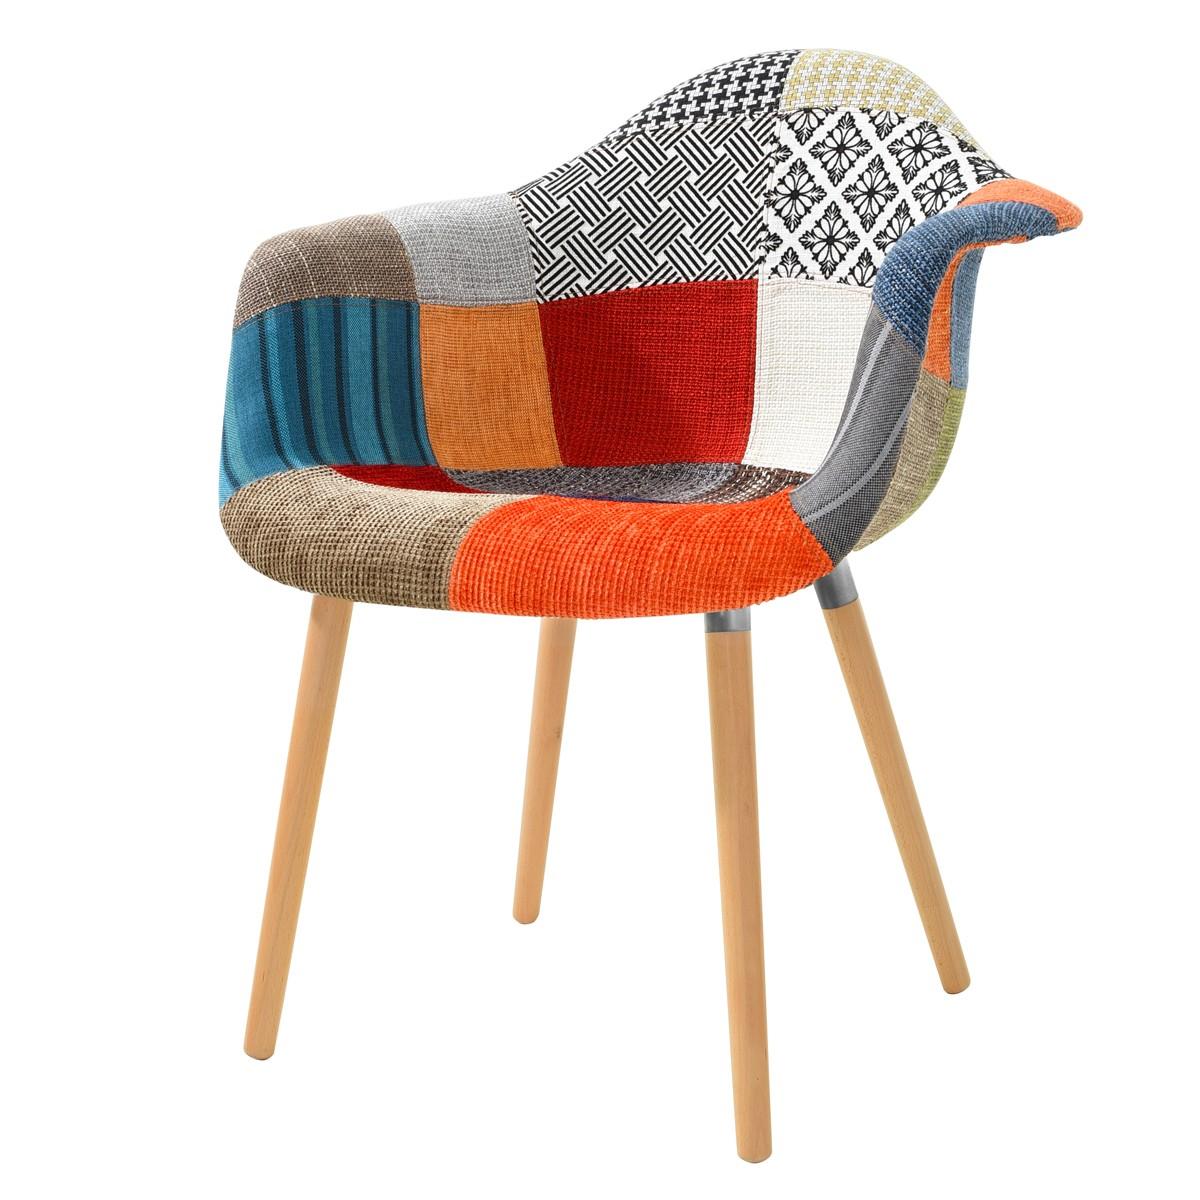 Fauteuil rebecca patchwork koya design - Fauteuil salon design ...